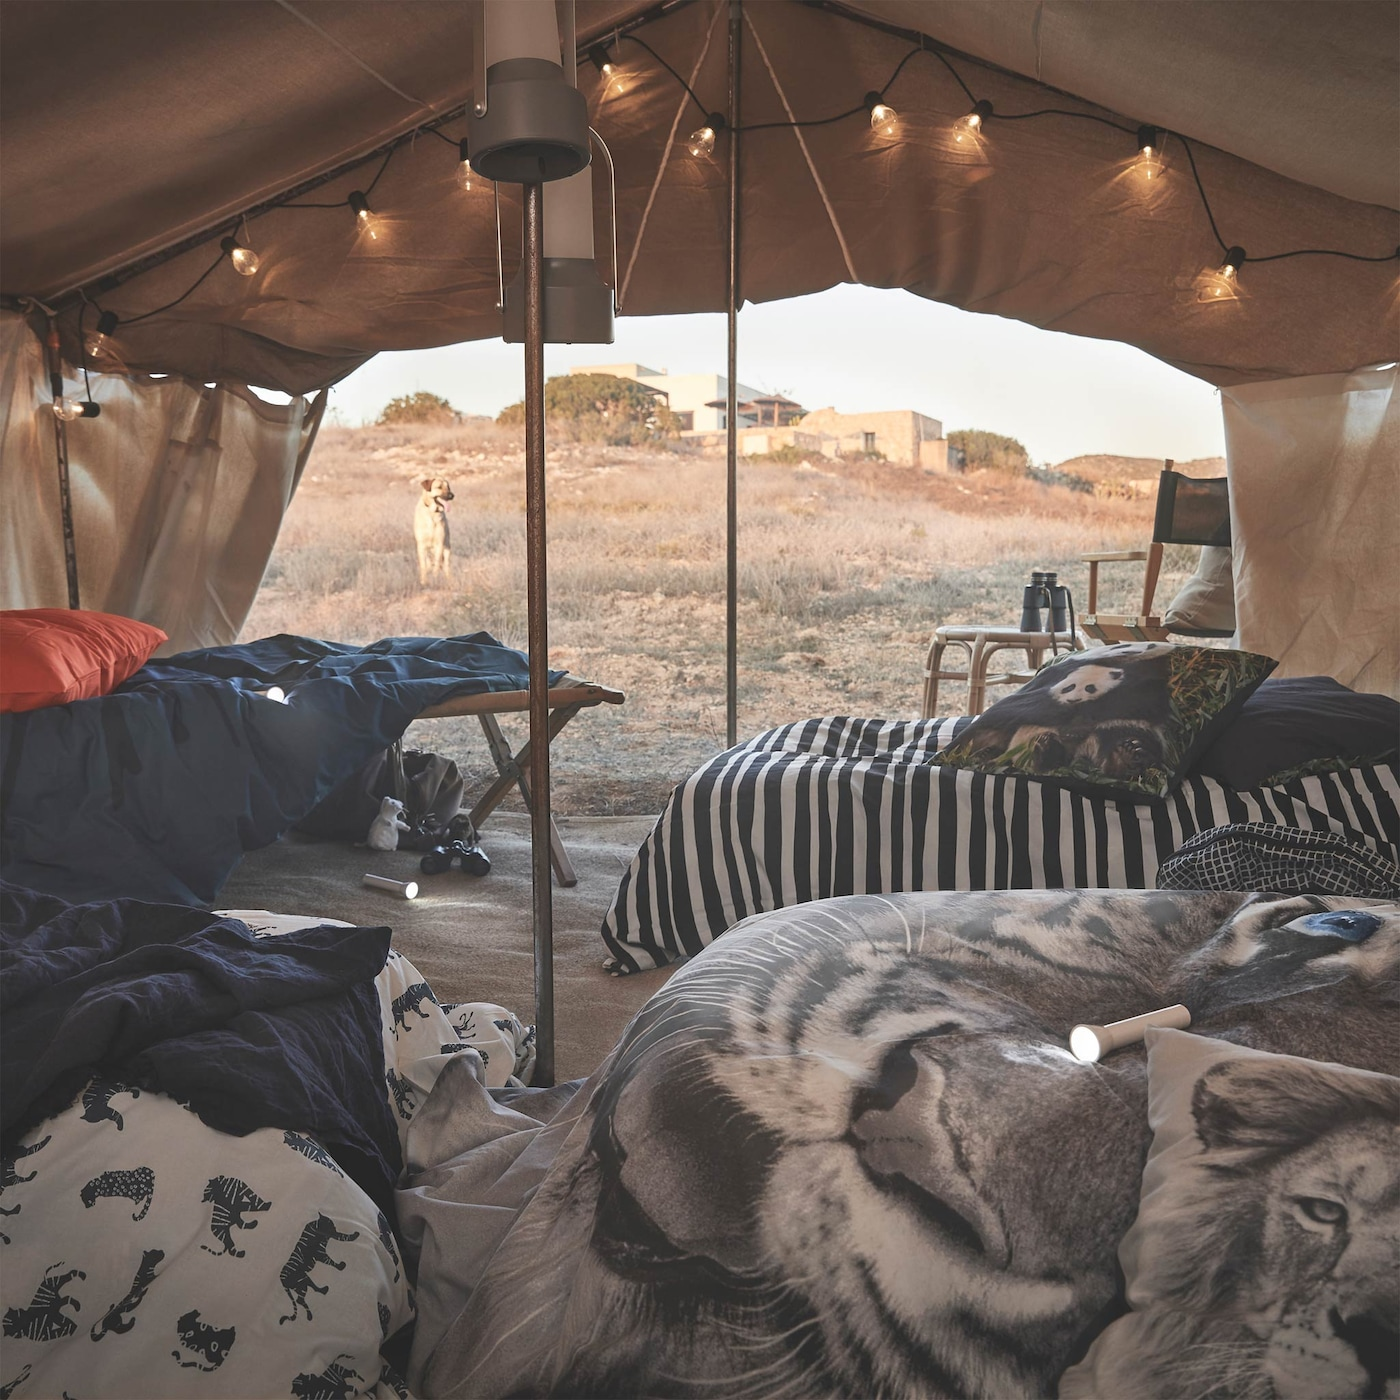 URSKOG dekbedovertrekken, hier getoond op bedden in een tent, zijn gemaakt van duurzamer katoen en zijn versierd met op wilde dieren geïnspireerde prints.